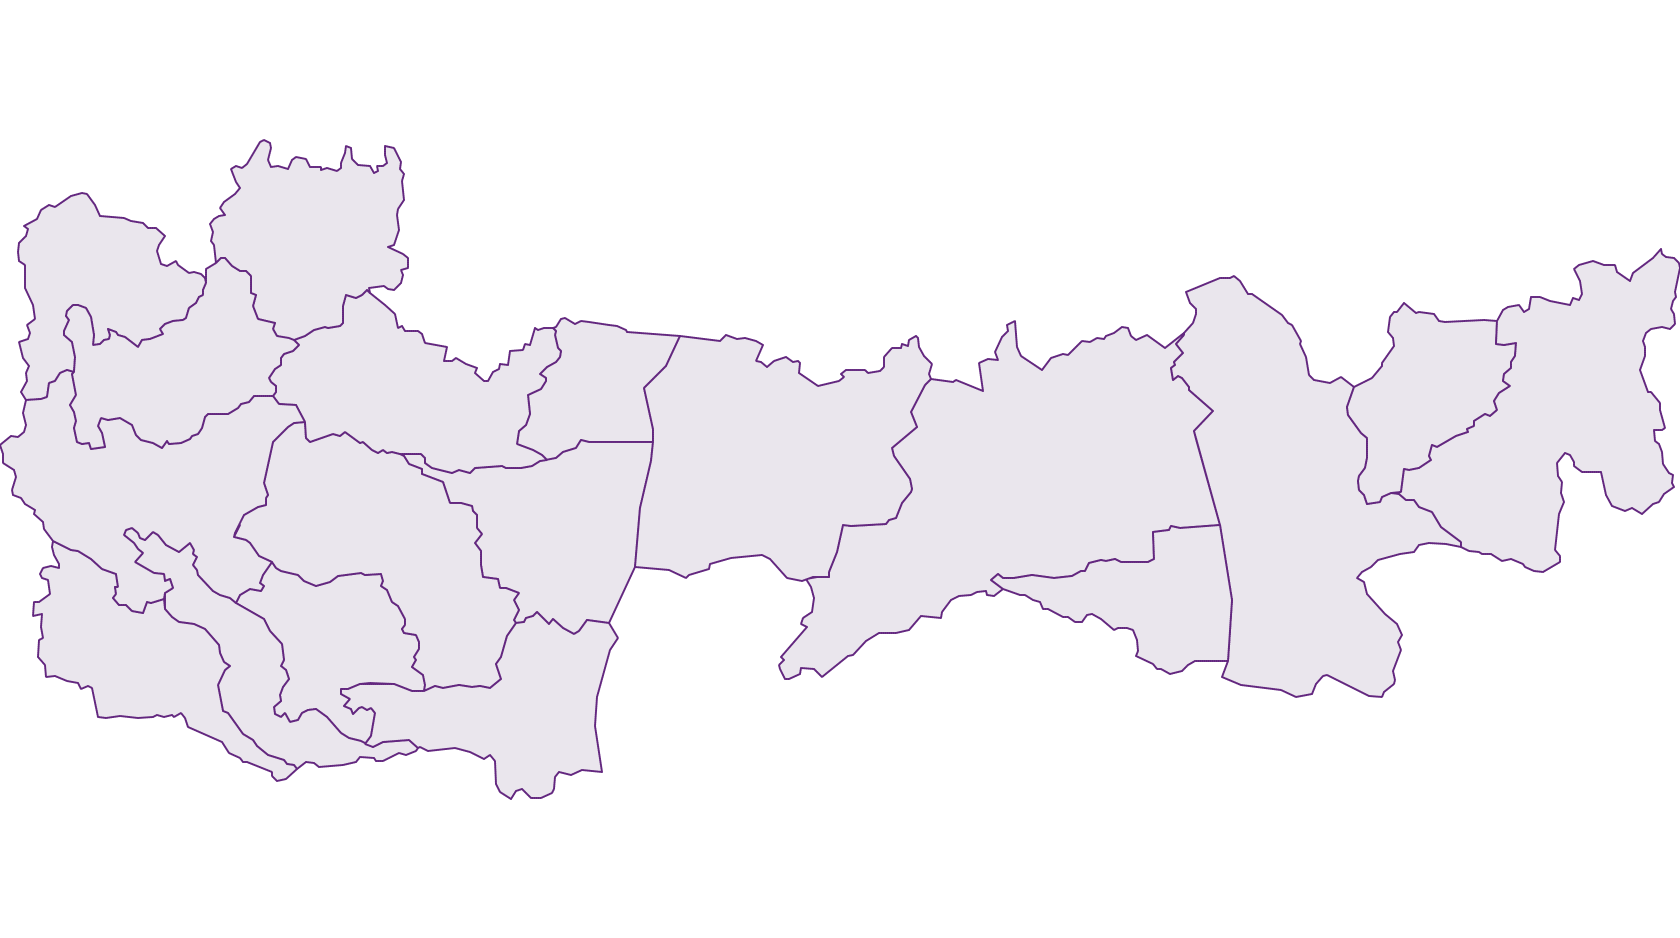 Outer Salzkammergut